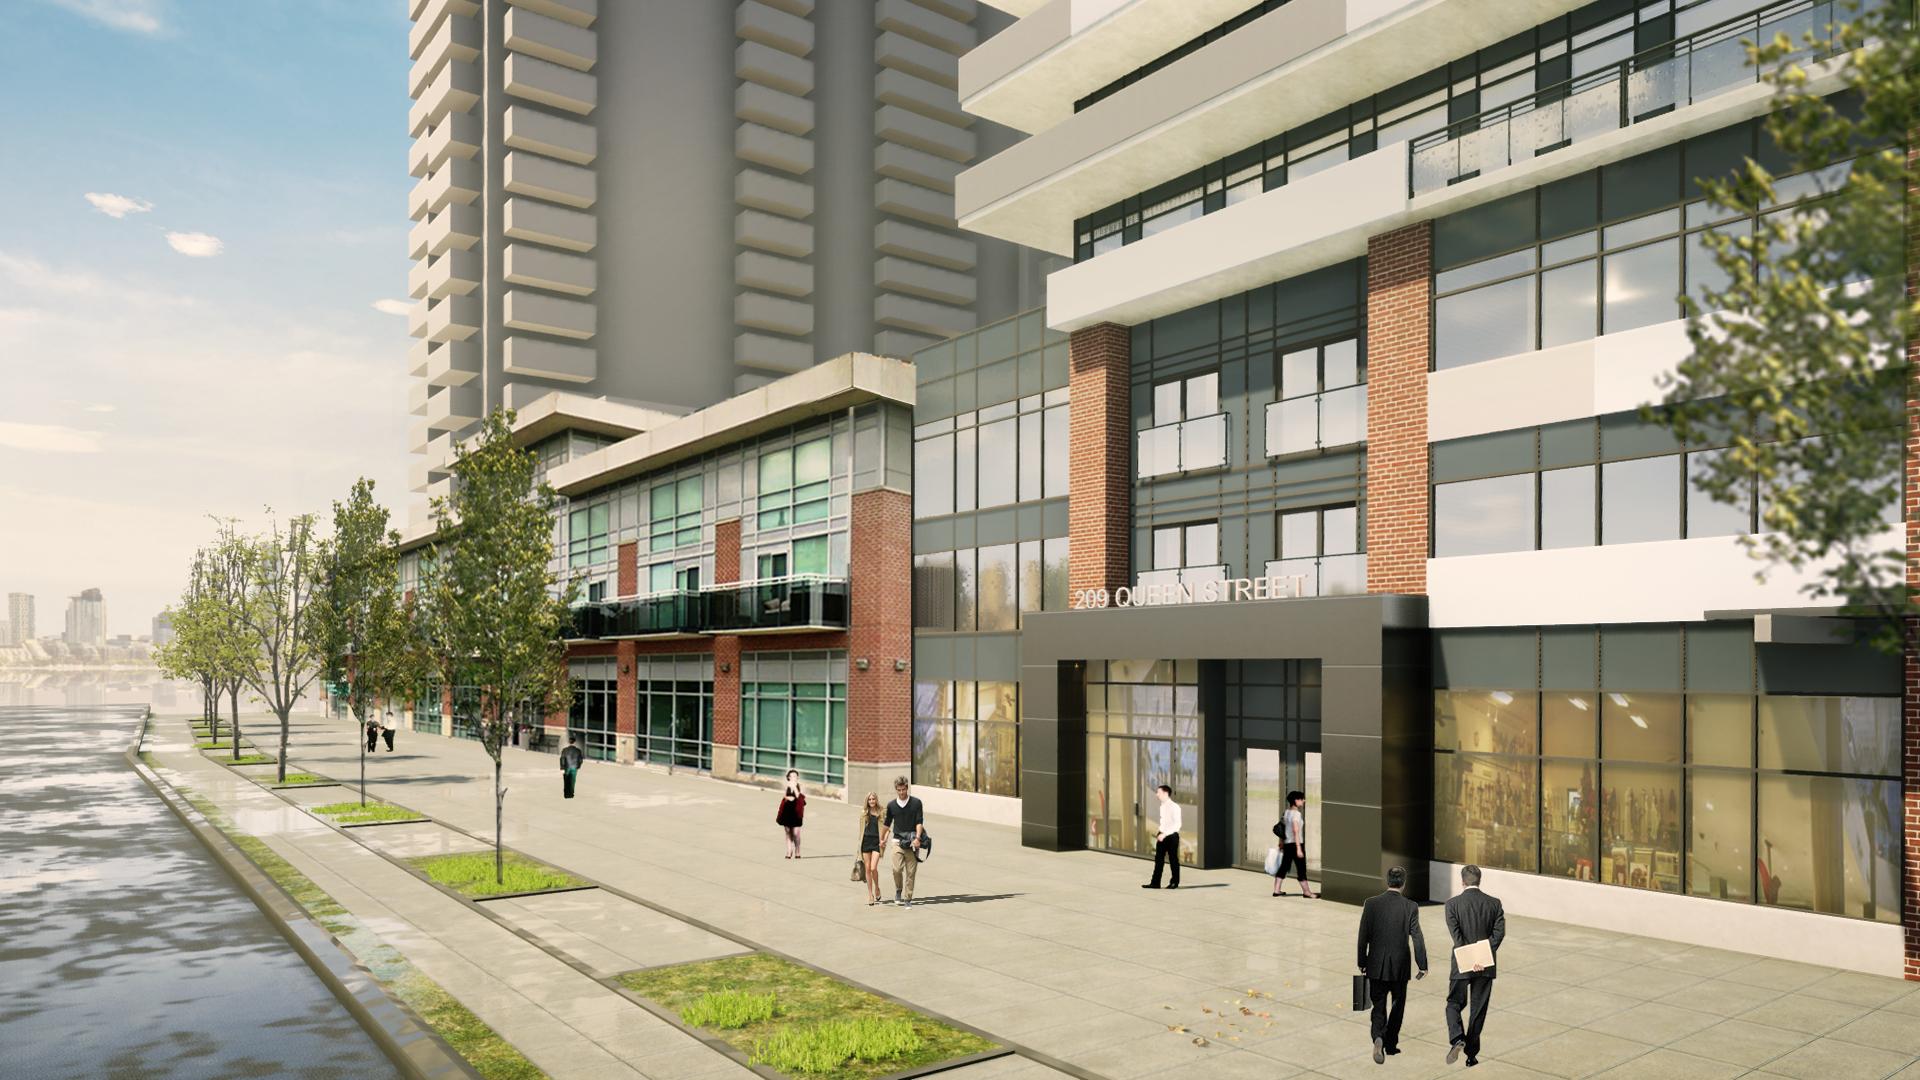 205 Queen Street - Exterior Rendering